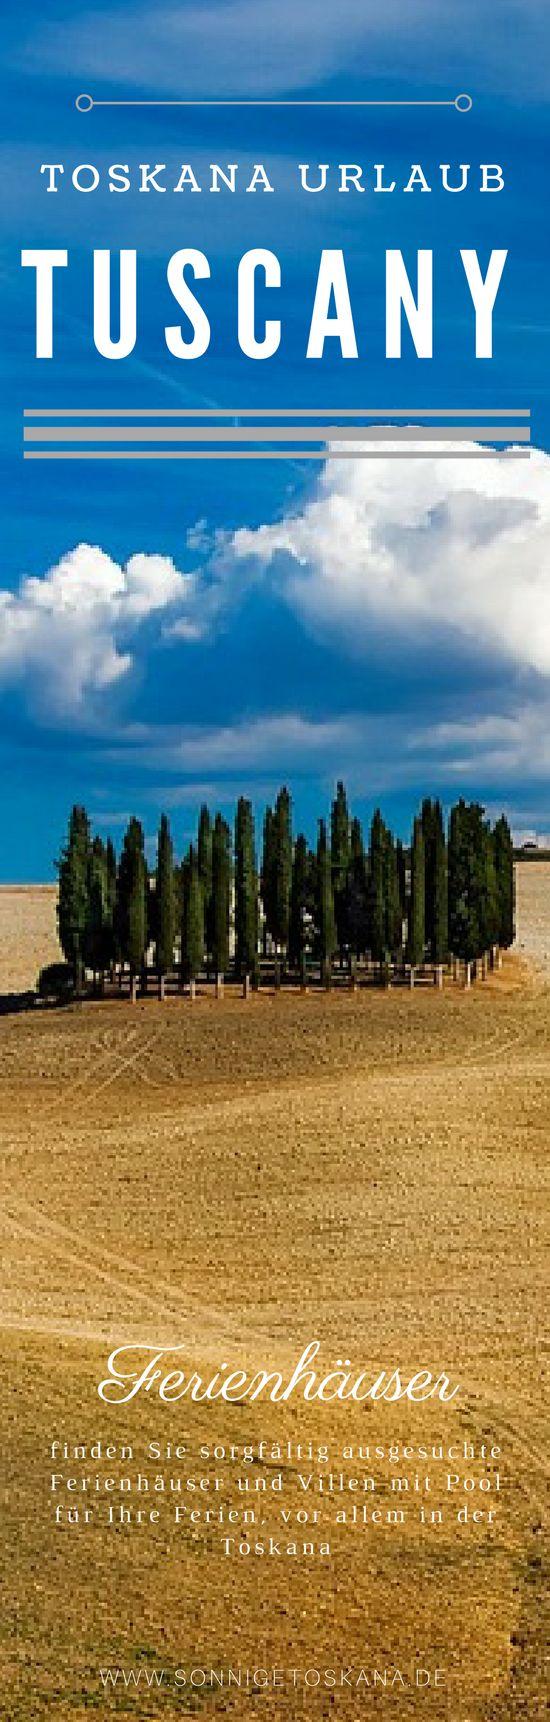 Ferienhäuser und Villen mit Pool für Ihre Ferien, vor allem in der Toskana